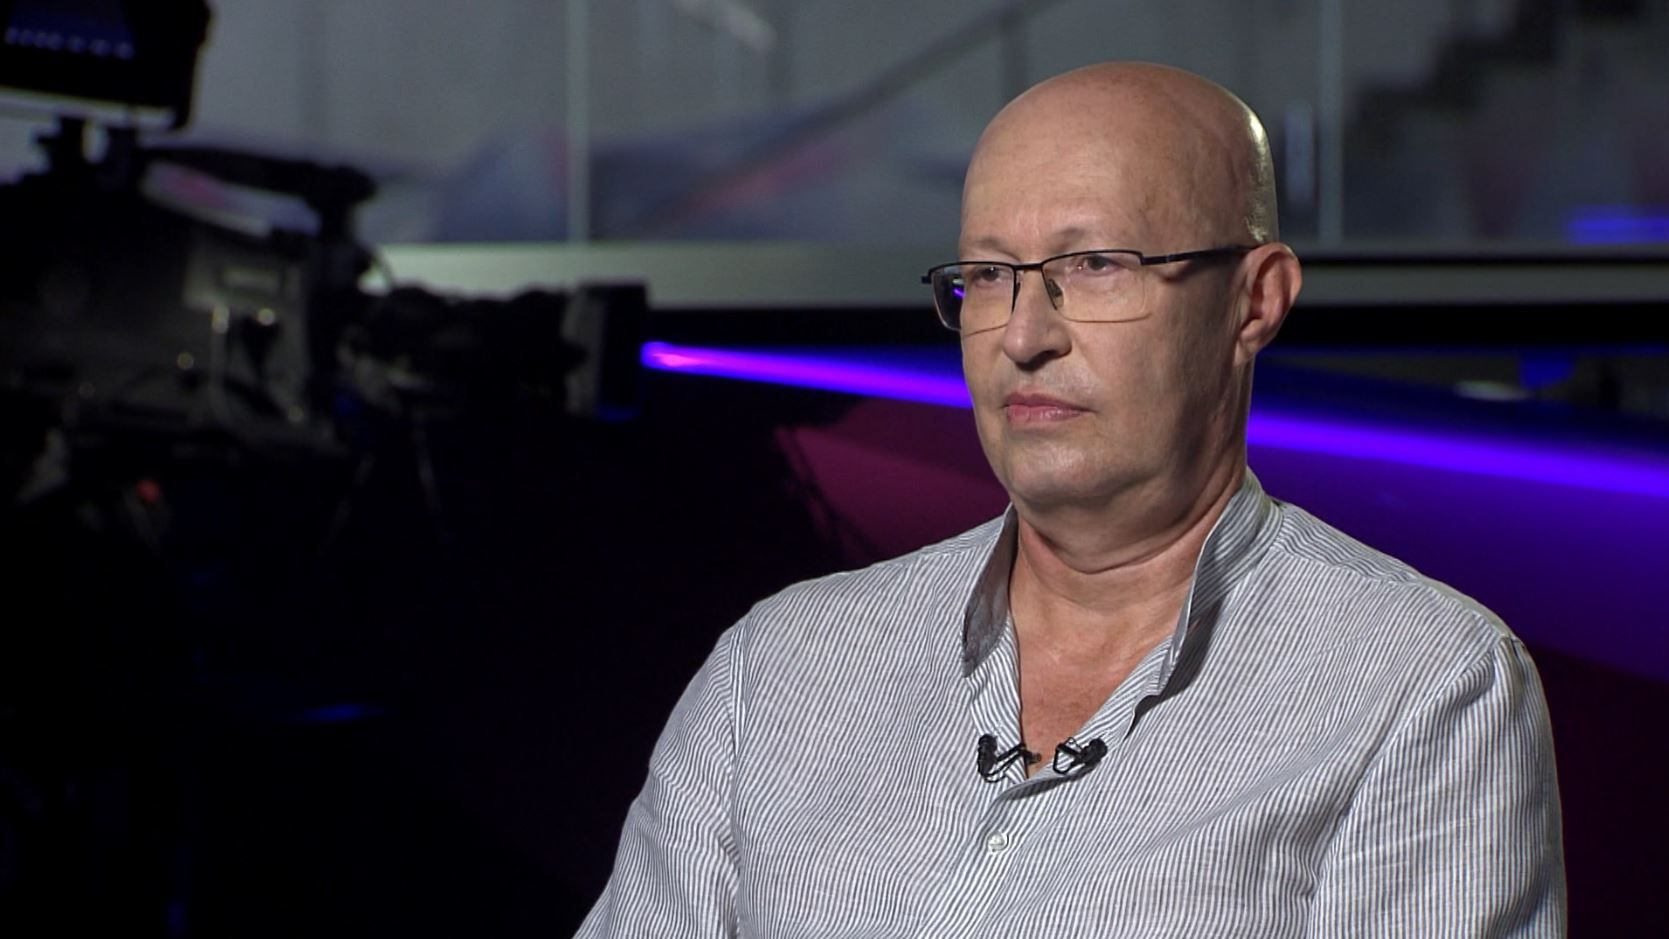 Профессор Соловей одной фразой пояснил журналисту Гордону «Чей Крым?»